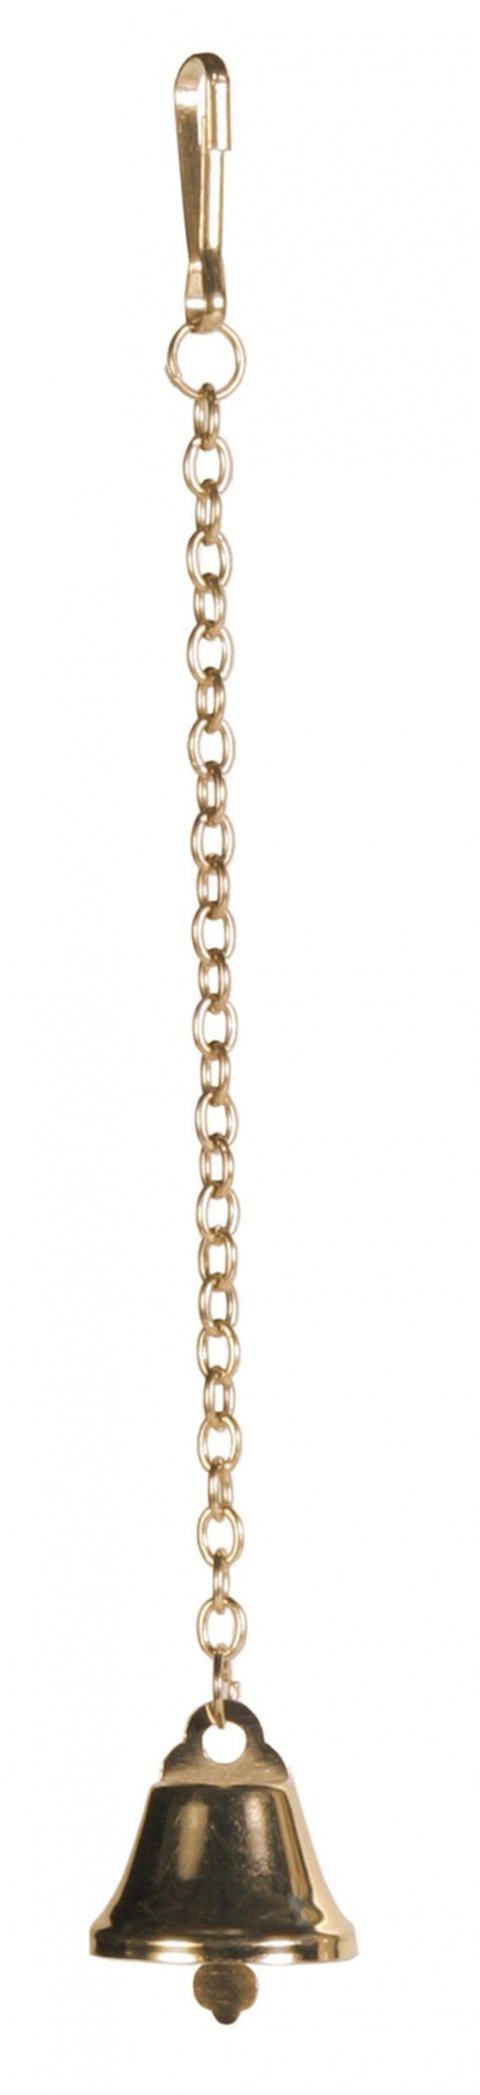 Rotaļlieta putniem - TRIXIE Brass Bell with Chain, 18 cm title=